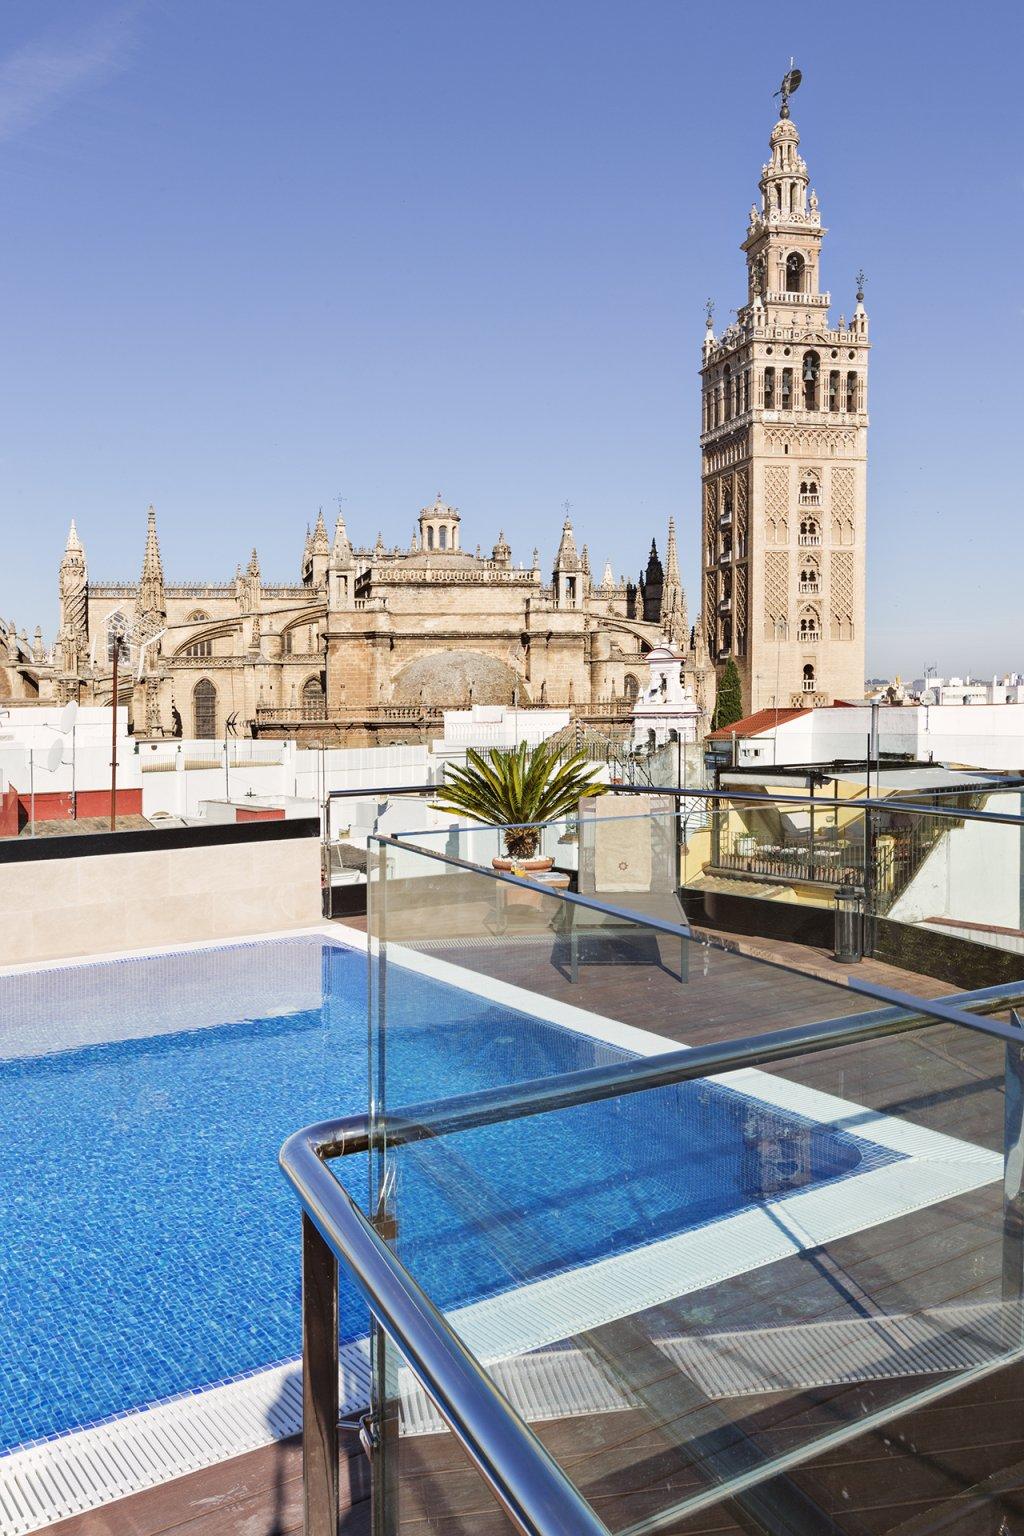 Casa con piscina sevilla simple piscina privada finca en sevilla la nueva anuncio with casa con - Casas con piscina en sevilla ...